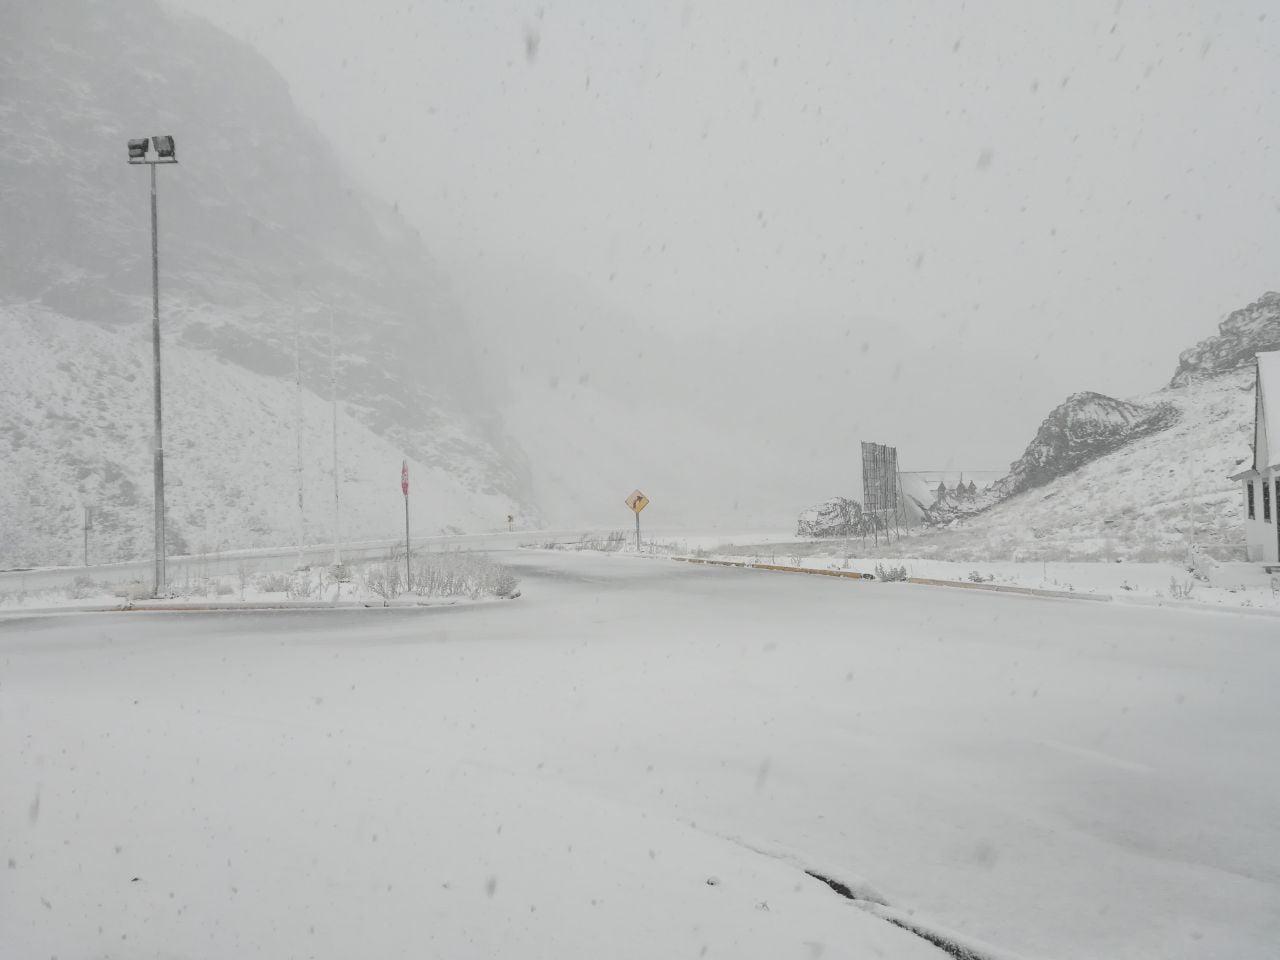 Cierran el paso Pehuenche por nevadas